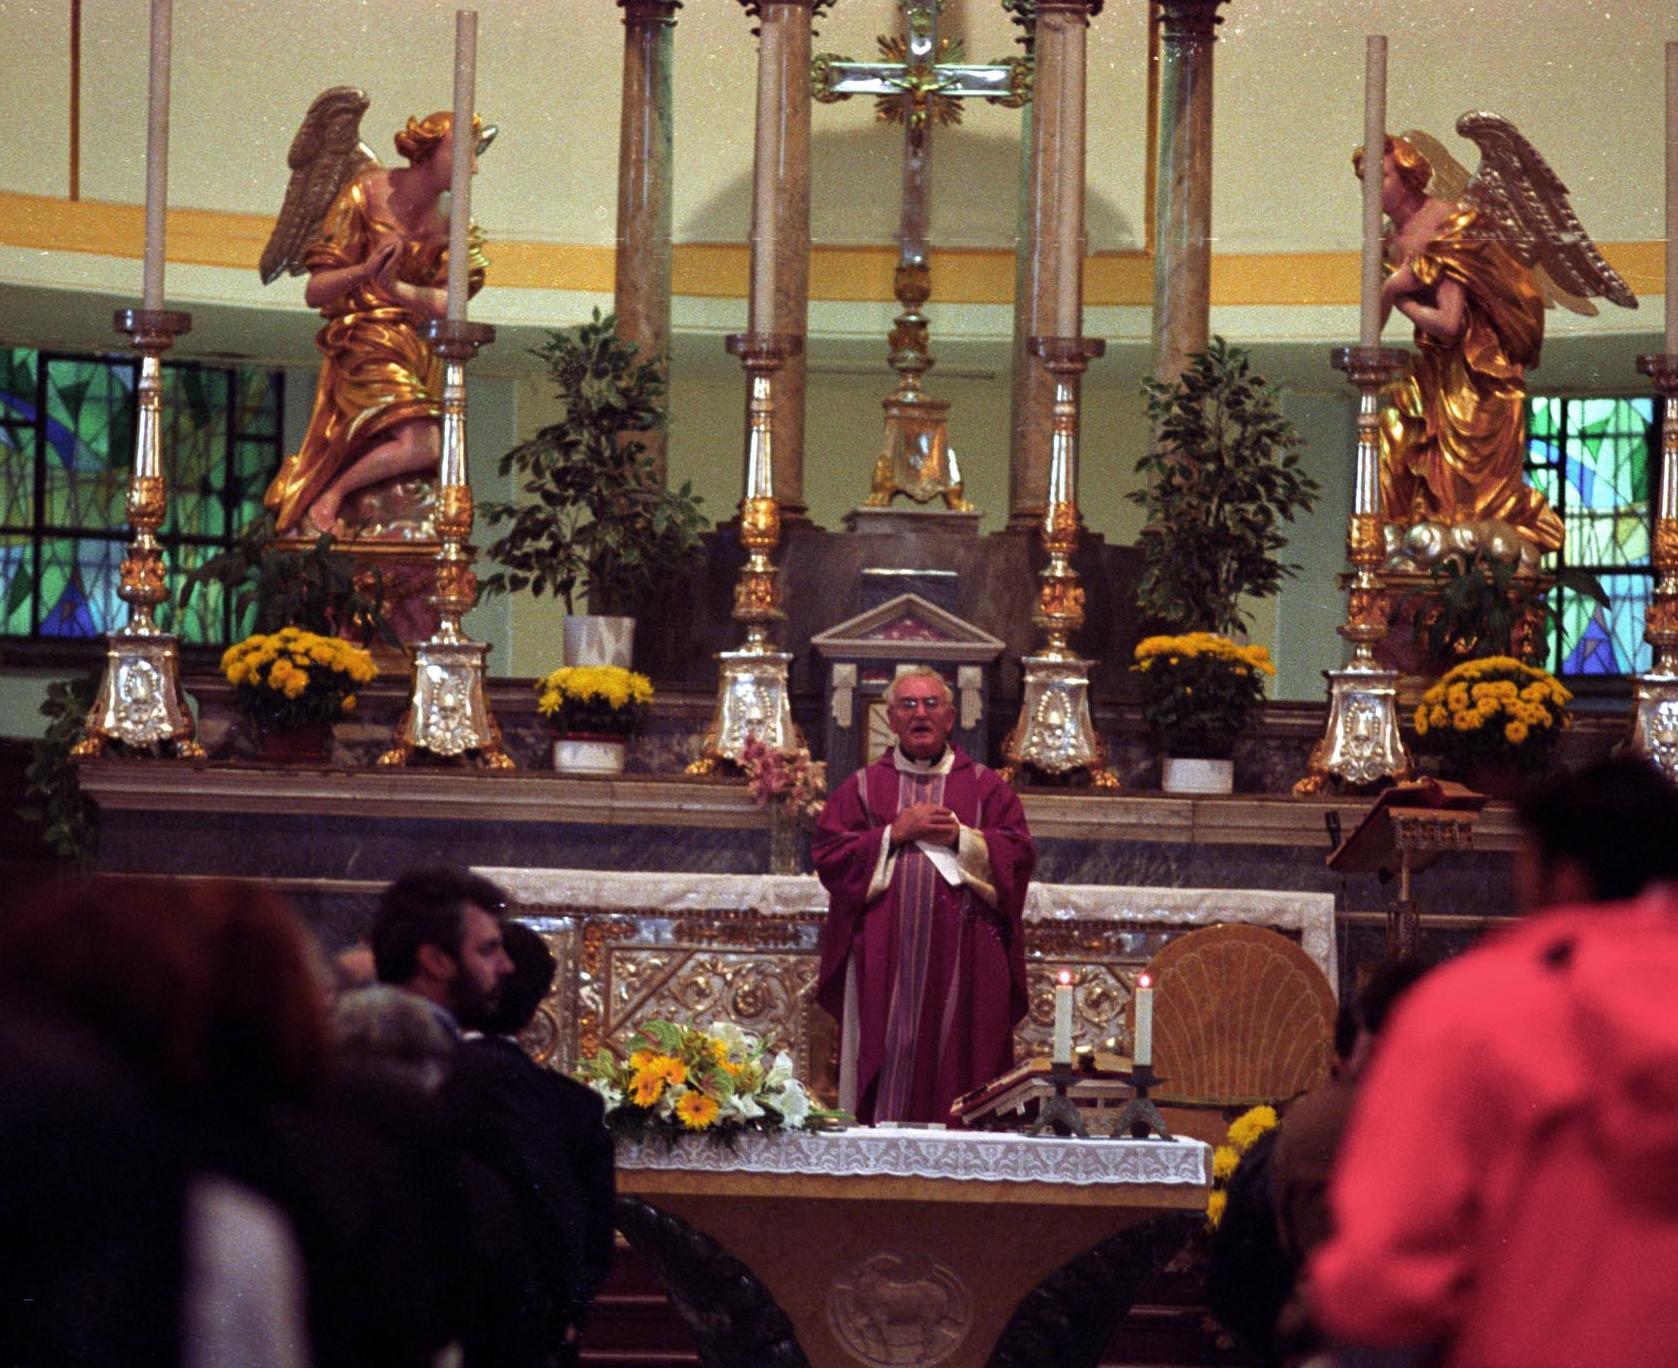 La messa in latino a genova un successo - Specchio dell amata parafrasi ...